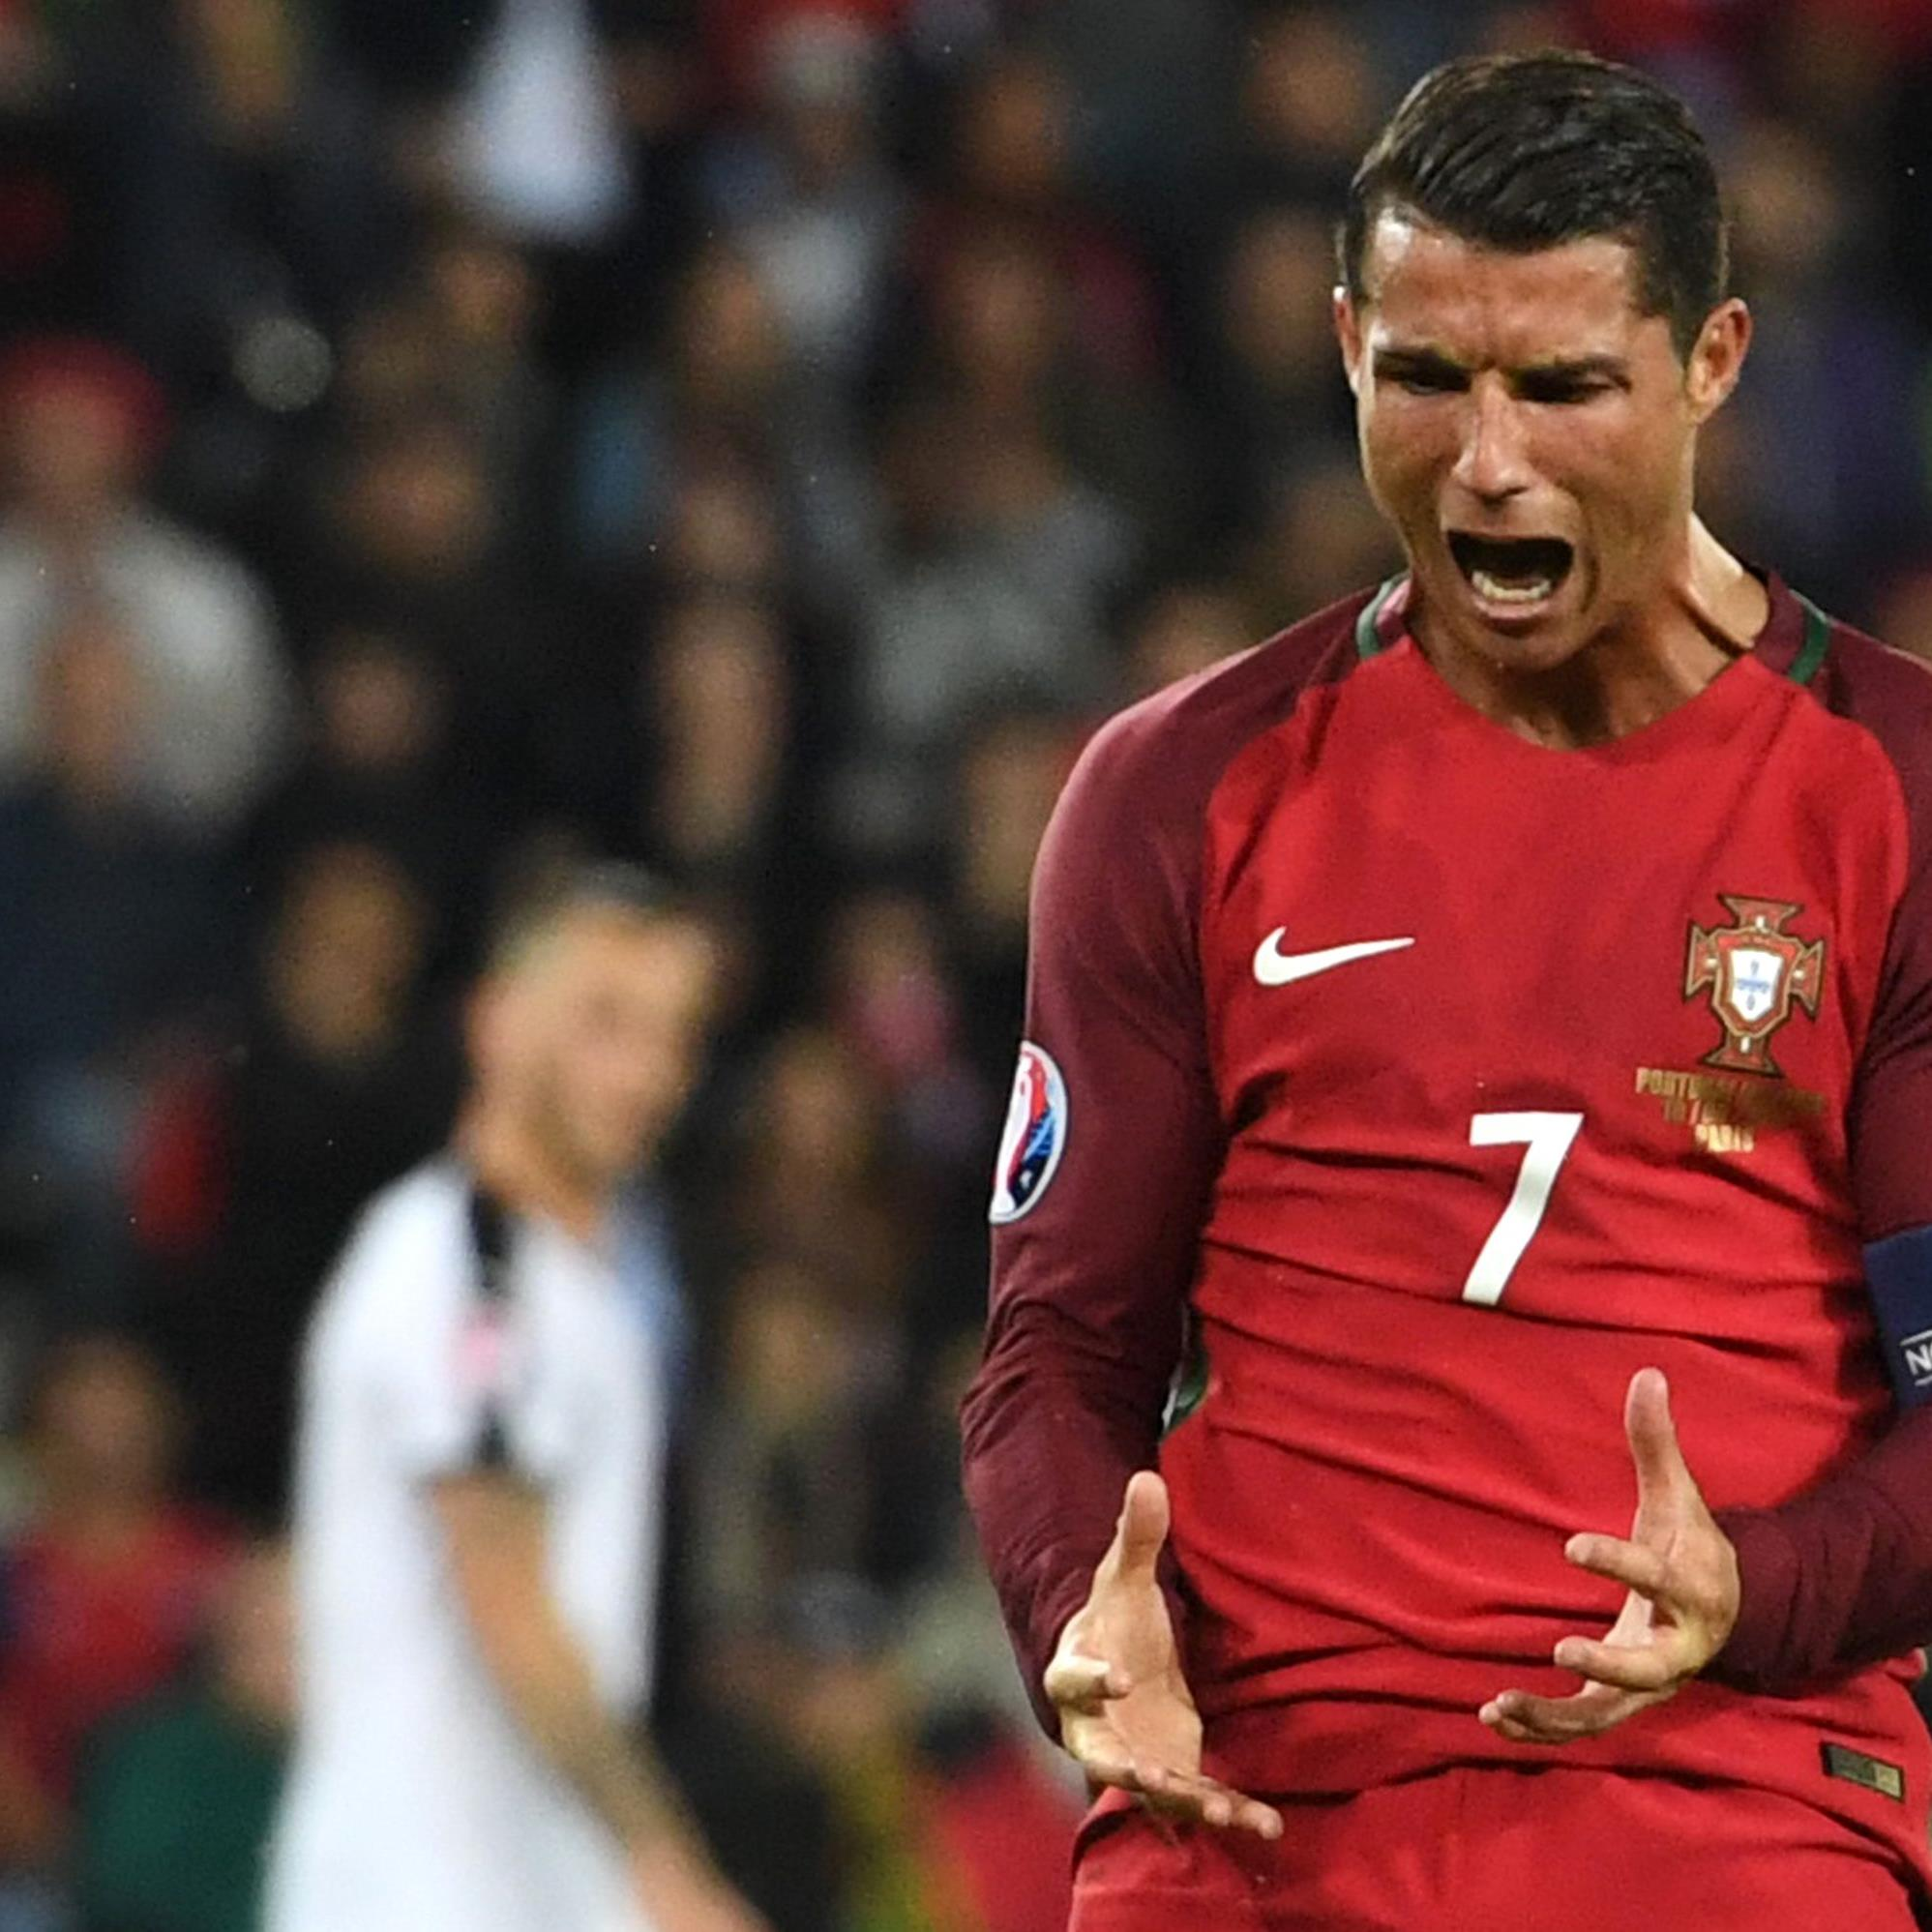 Christiano Ronaldo scheint nach zwei Punktenaus zwei Spielen irgendwie unzufrieden zu sein.